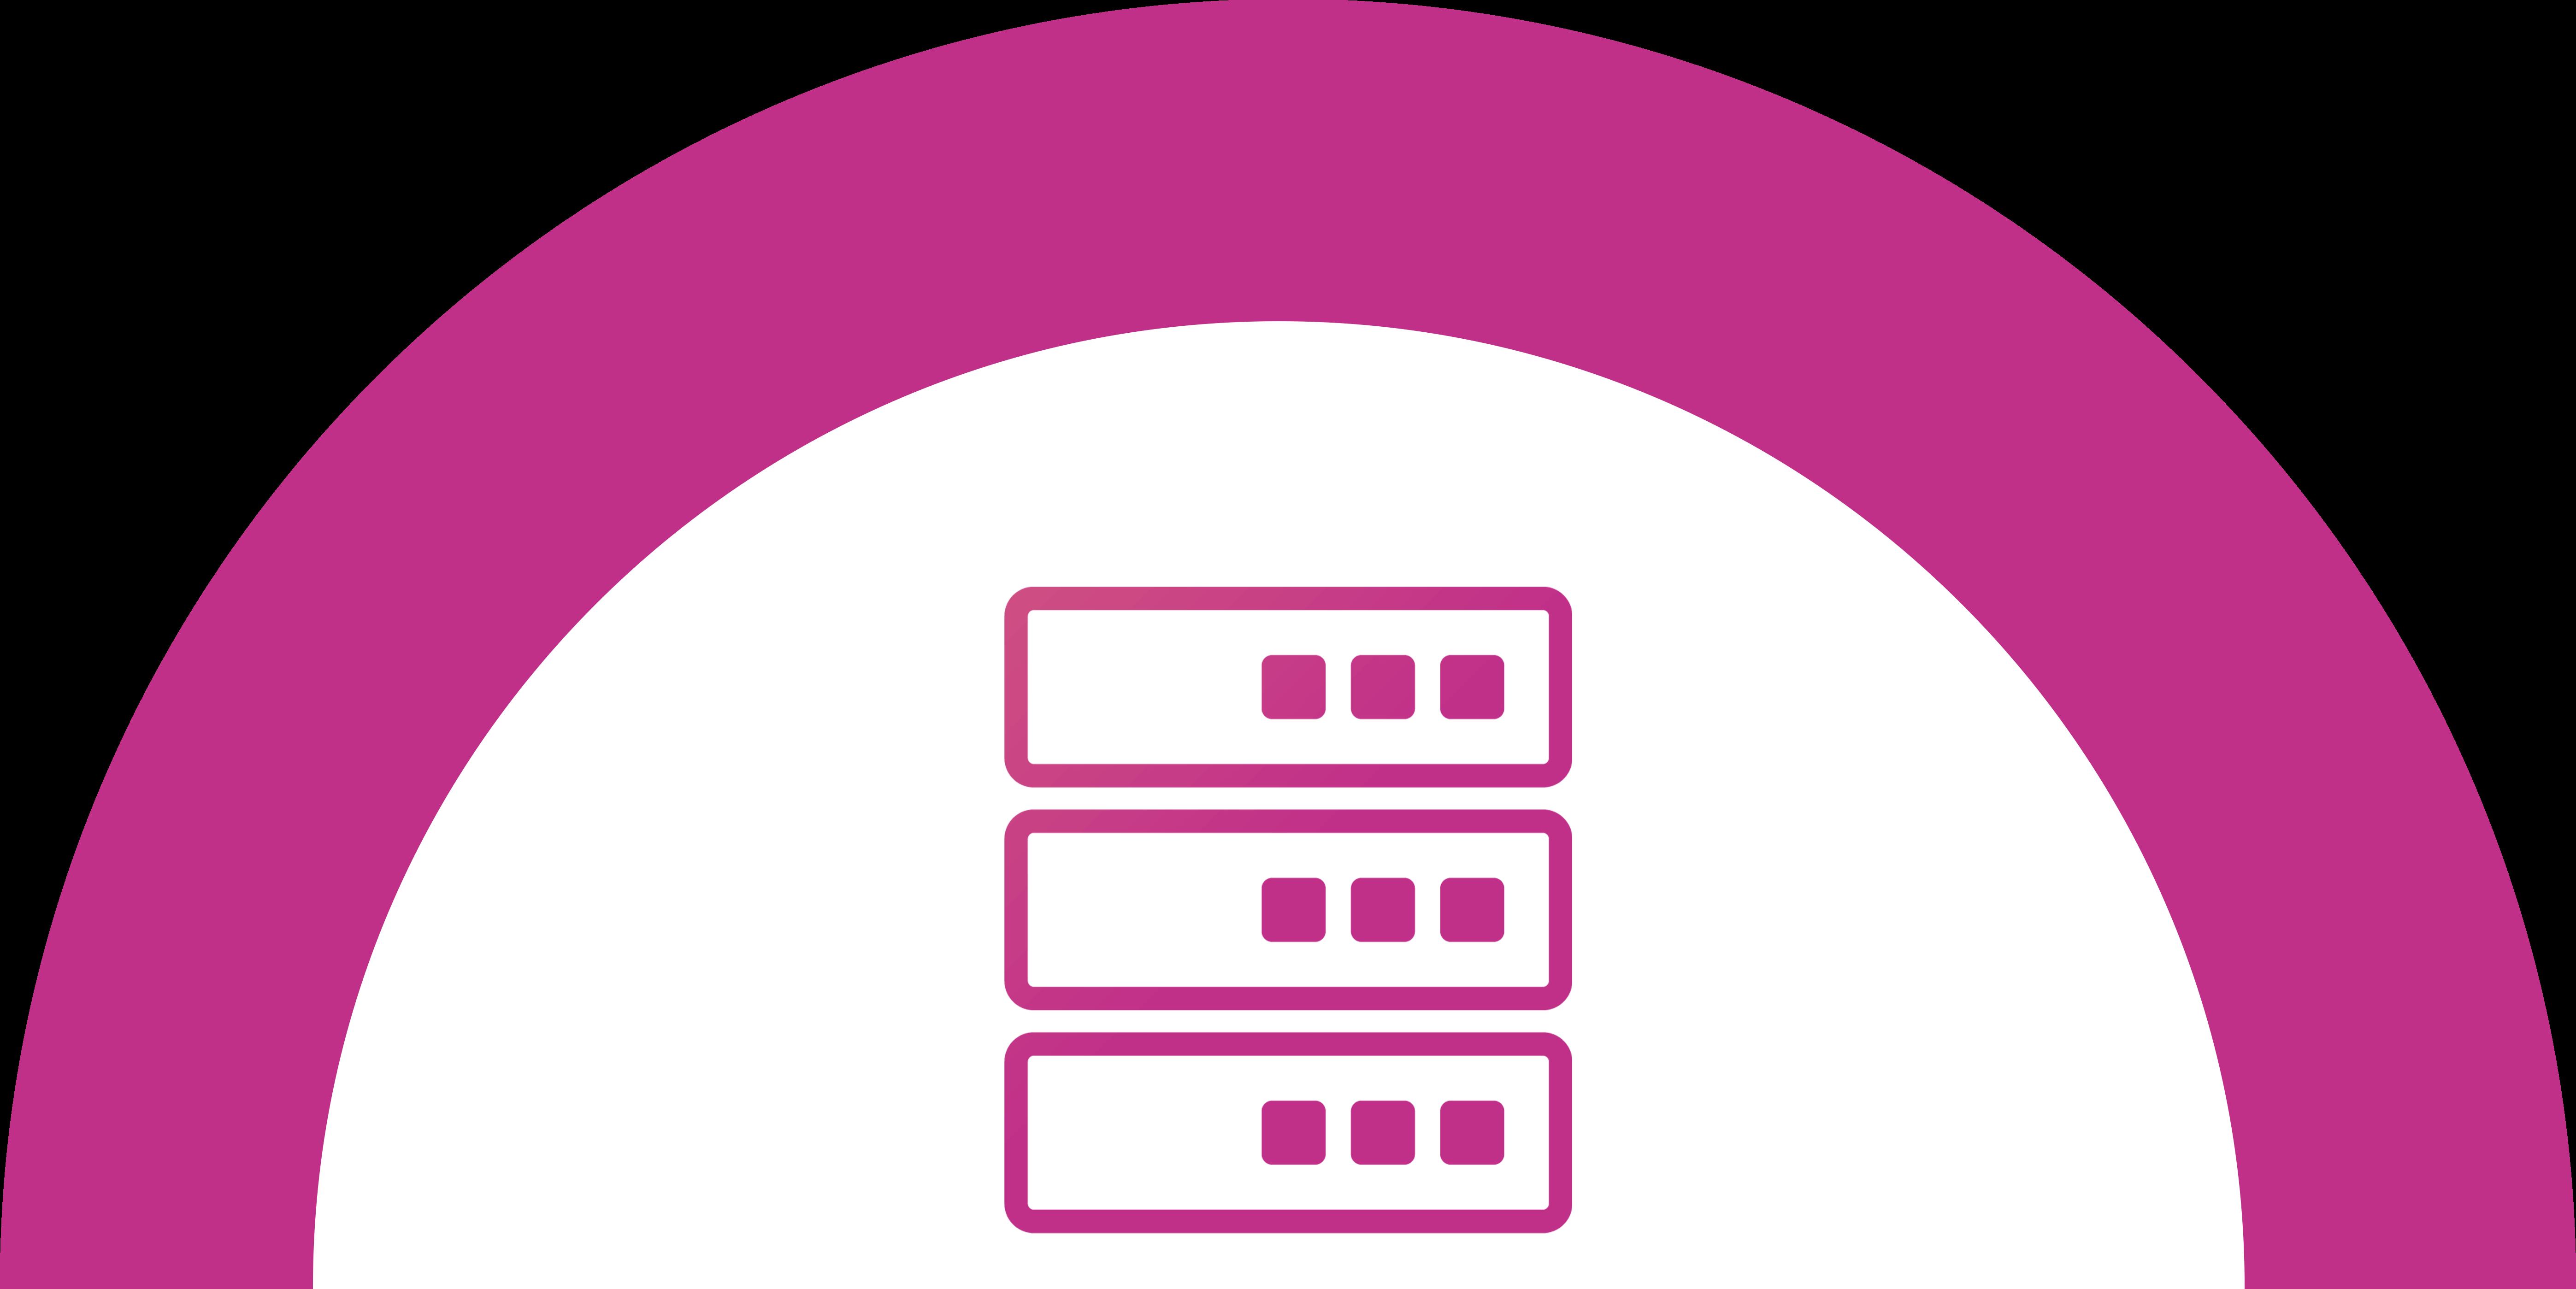 Bespoke Databases